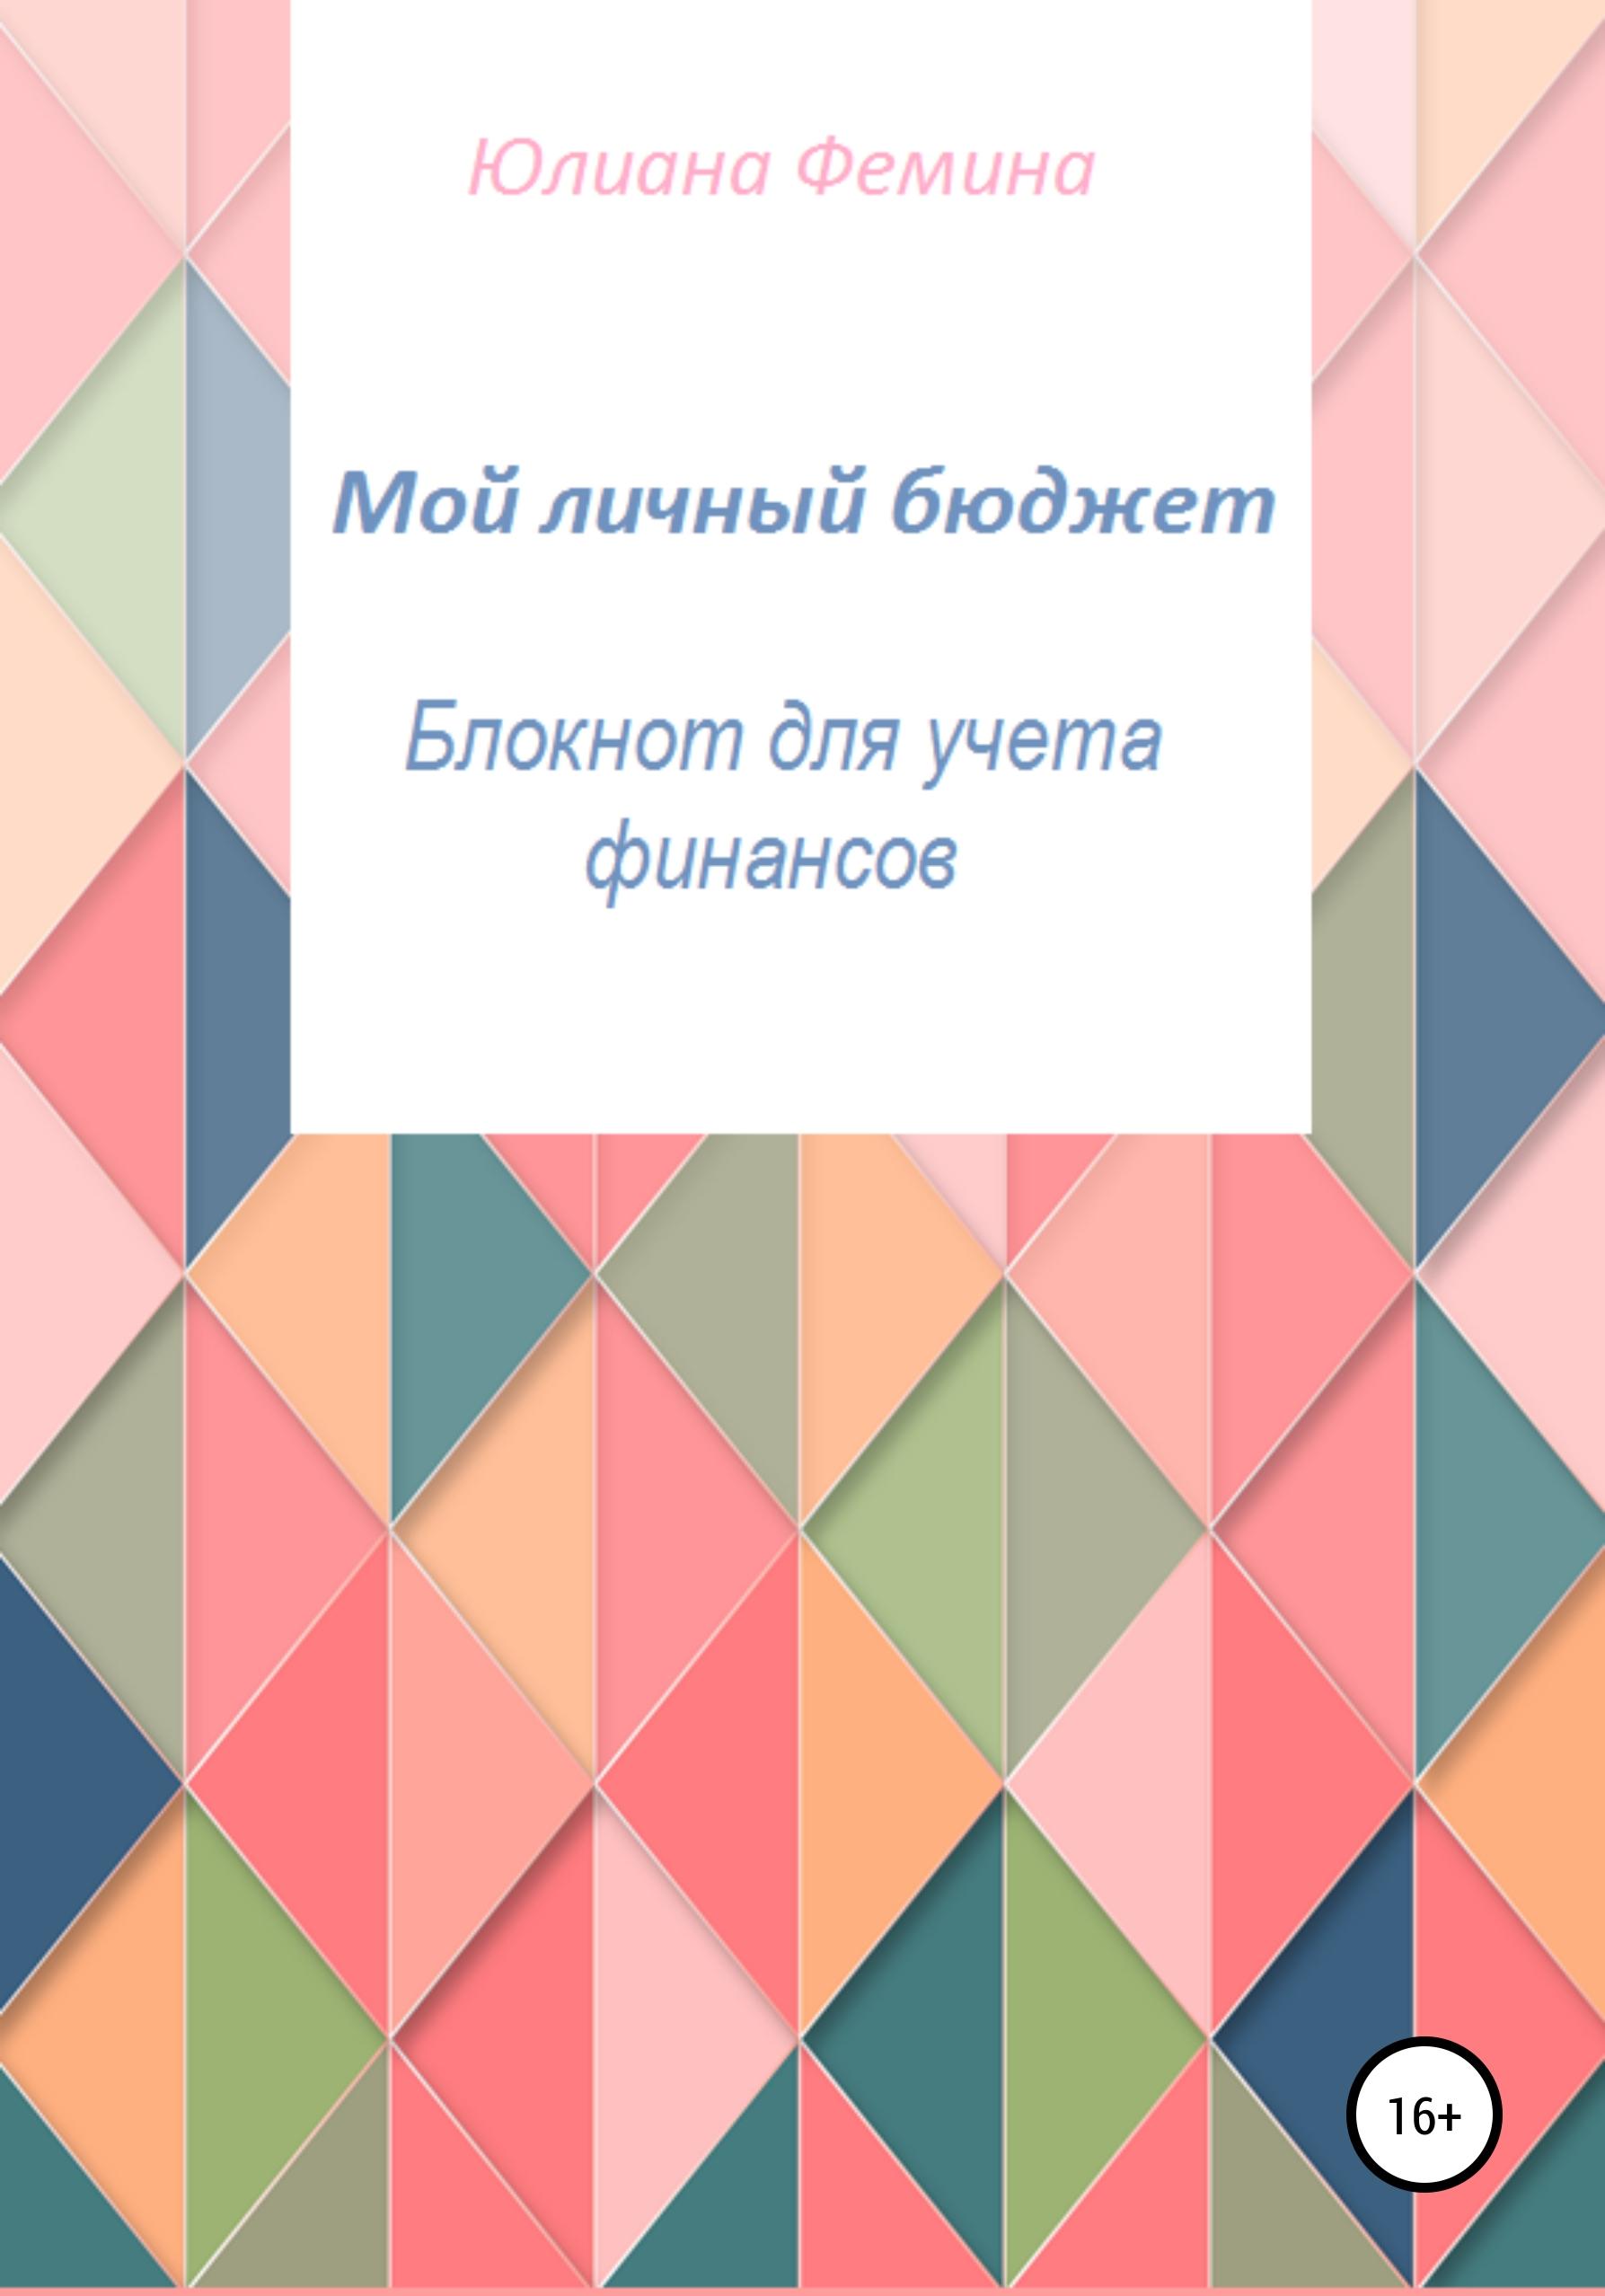 Купить книгу Мой личный бюджет. Блокнот для учета финансов, автора Юлианы Феминой